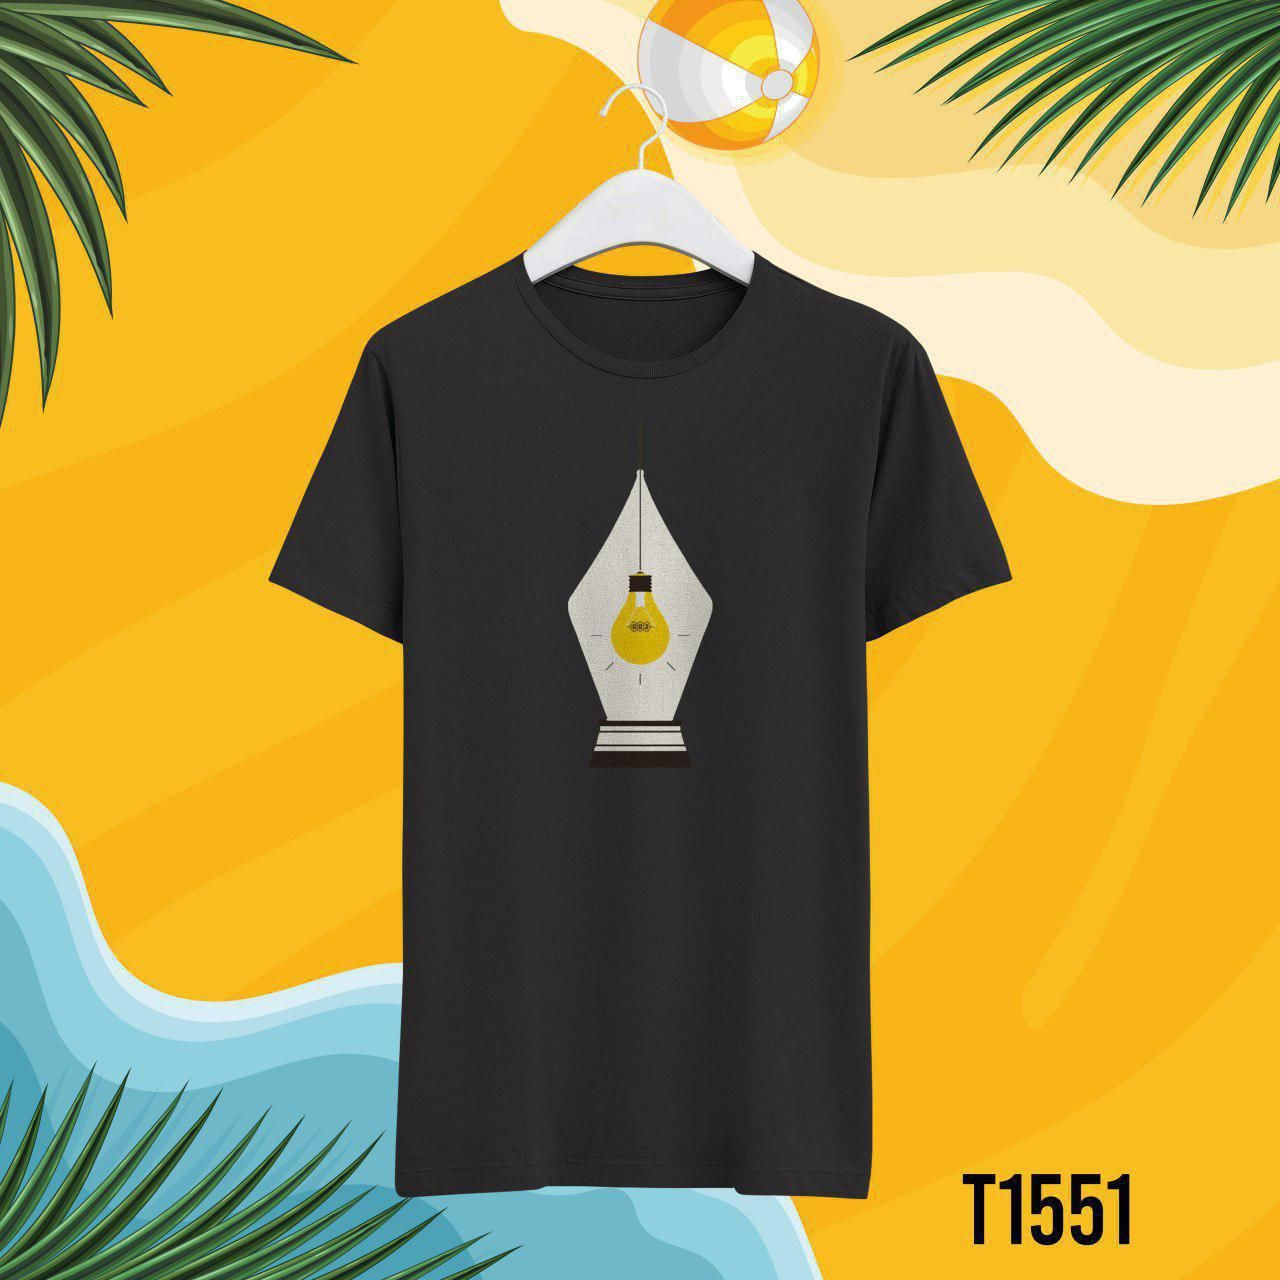 Shirt T1551 Inspirasi Desain Grafis Desain Kaos